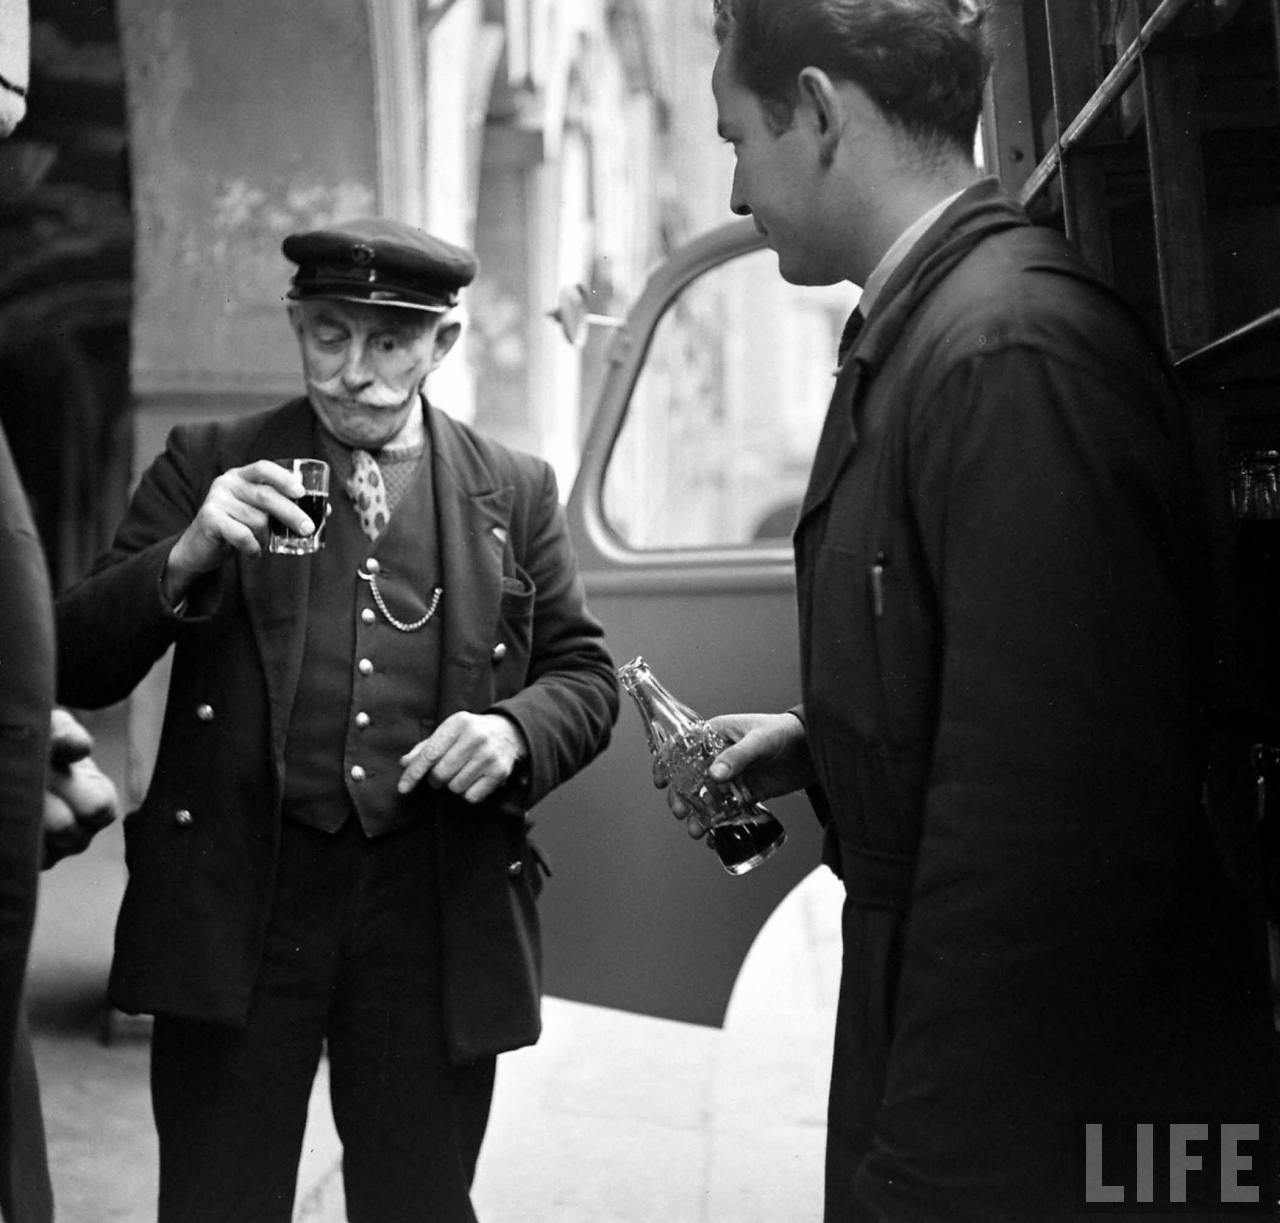 1950 coca cola arrive france 05 1950, Coca Cola arrive en France